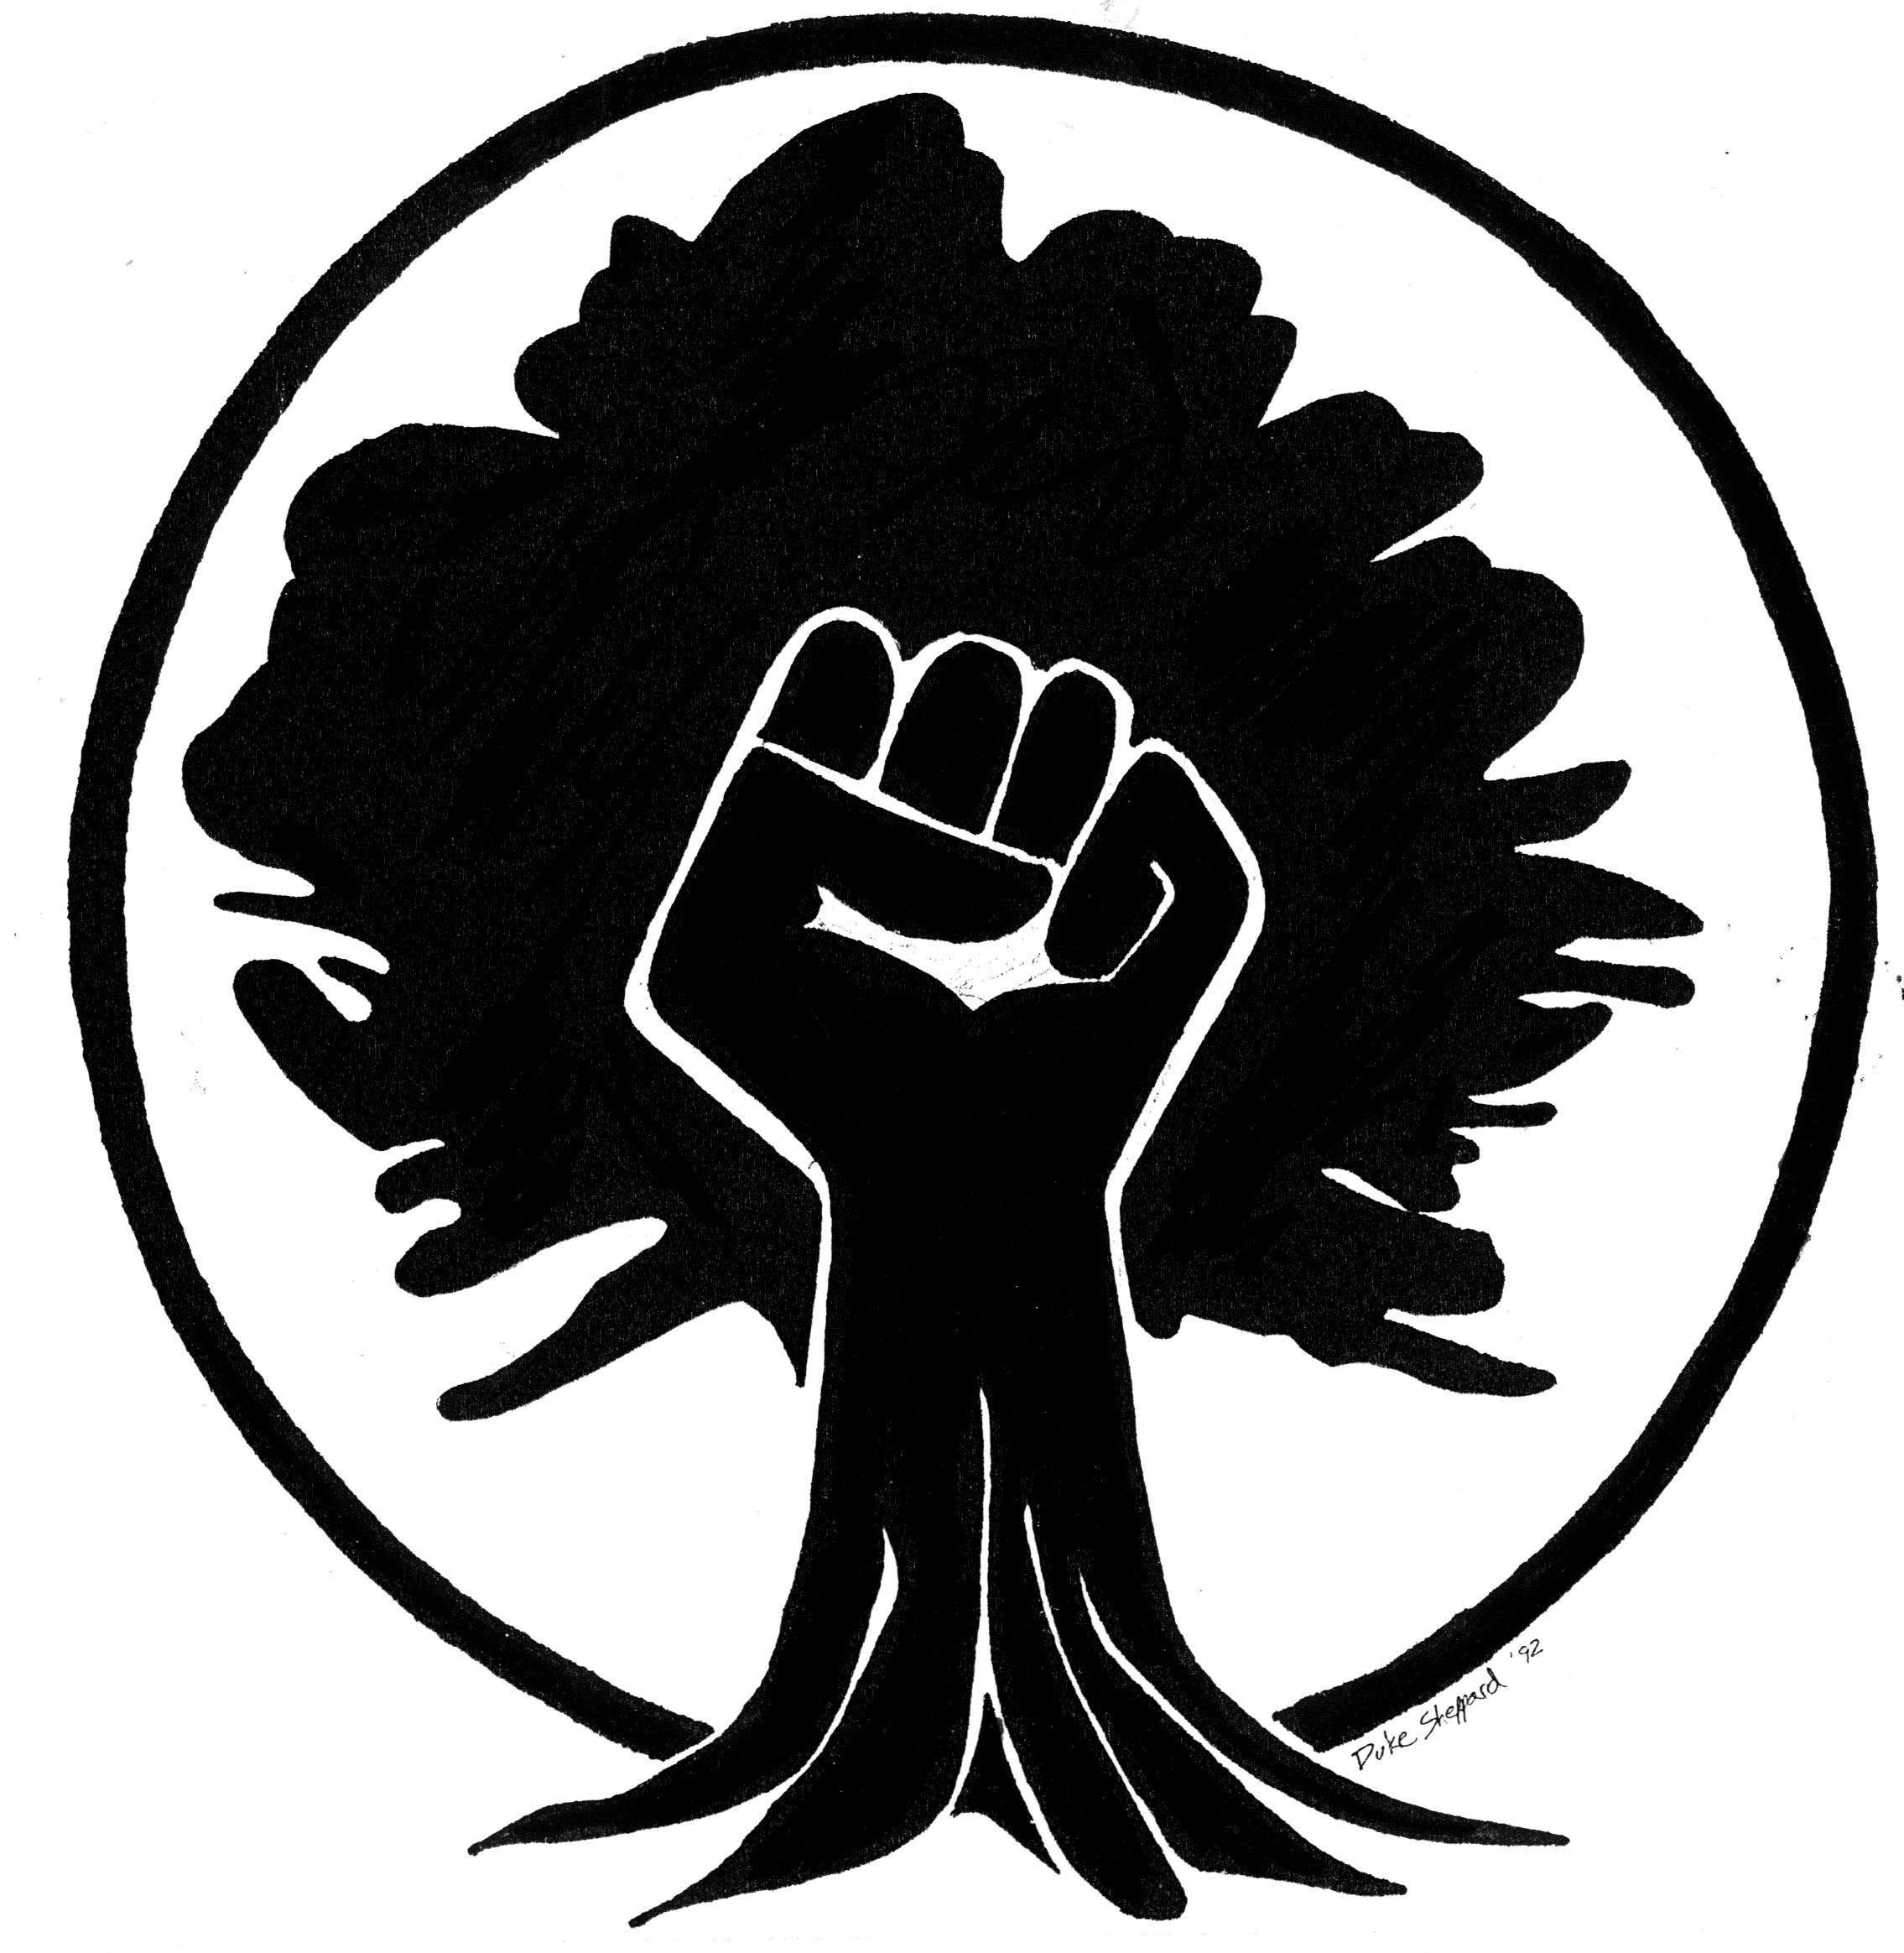 I Love My Blackness Black Power Art History Tattoos Black Lives Matter Art